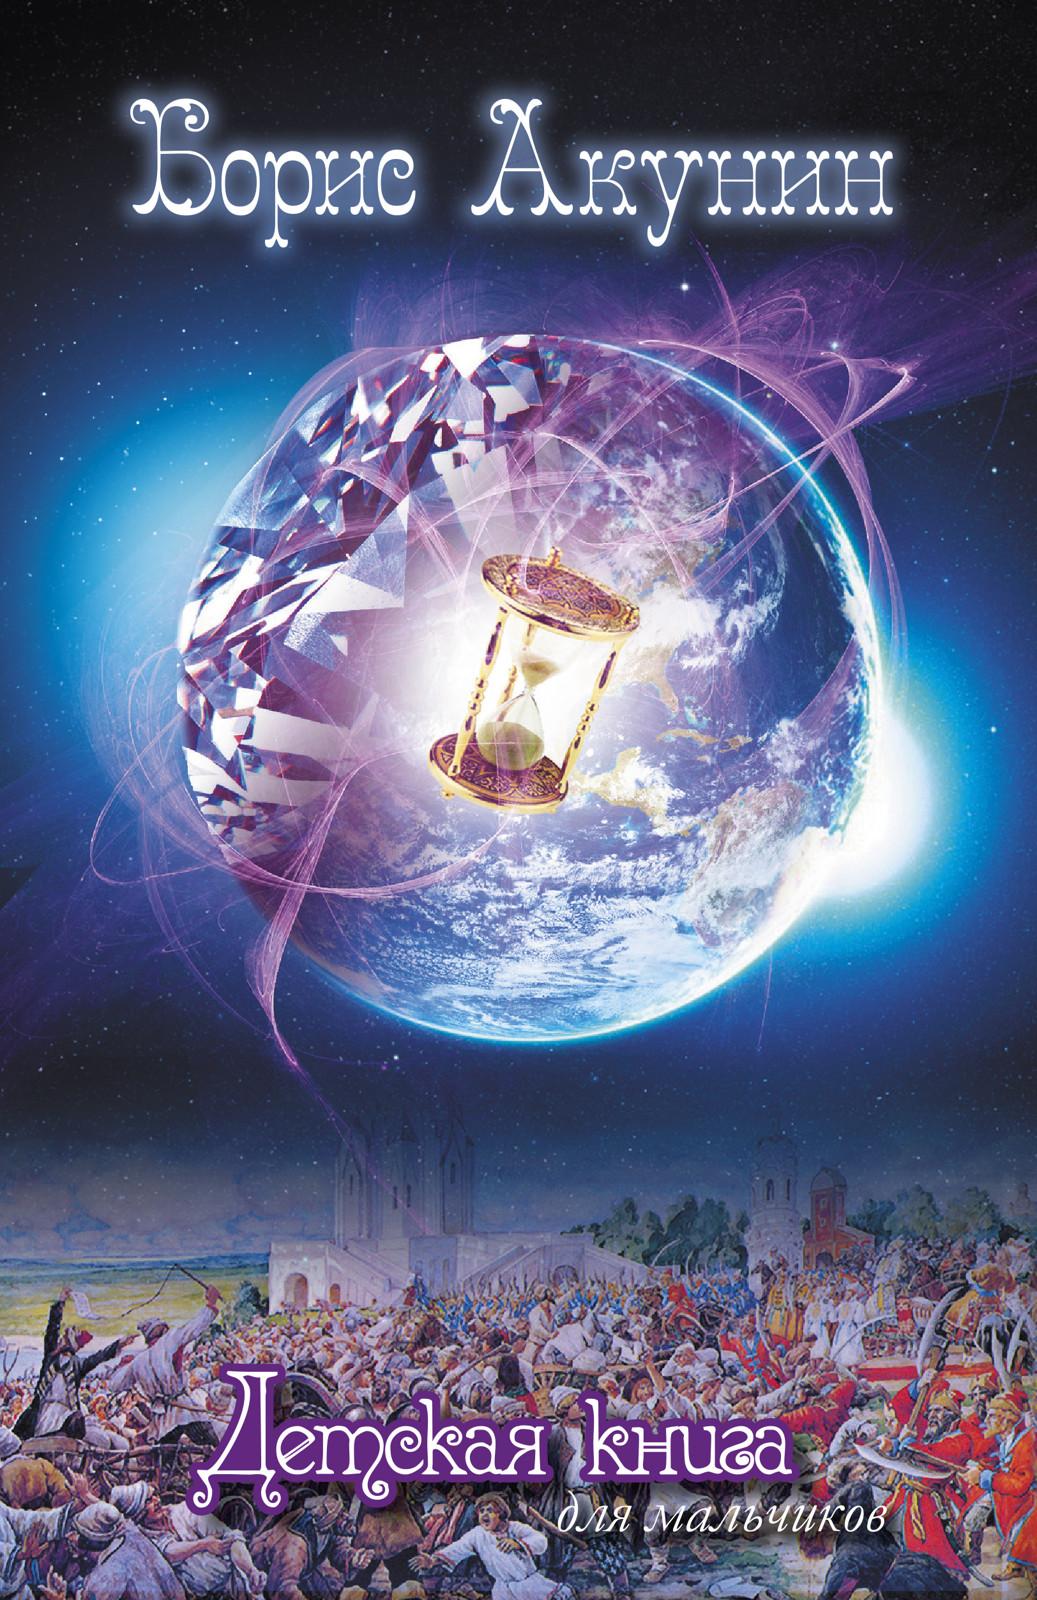 Борис Акунин Детская книга для мальчиков (с иллюстрациями) акунин б детская книга для мальчиков